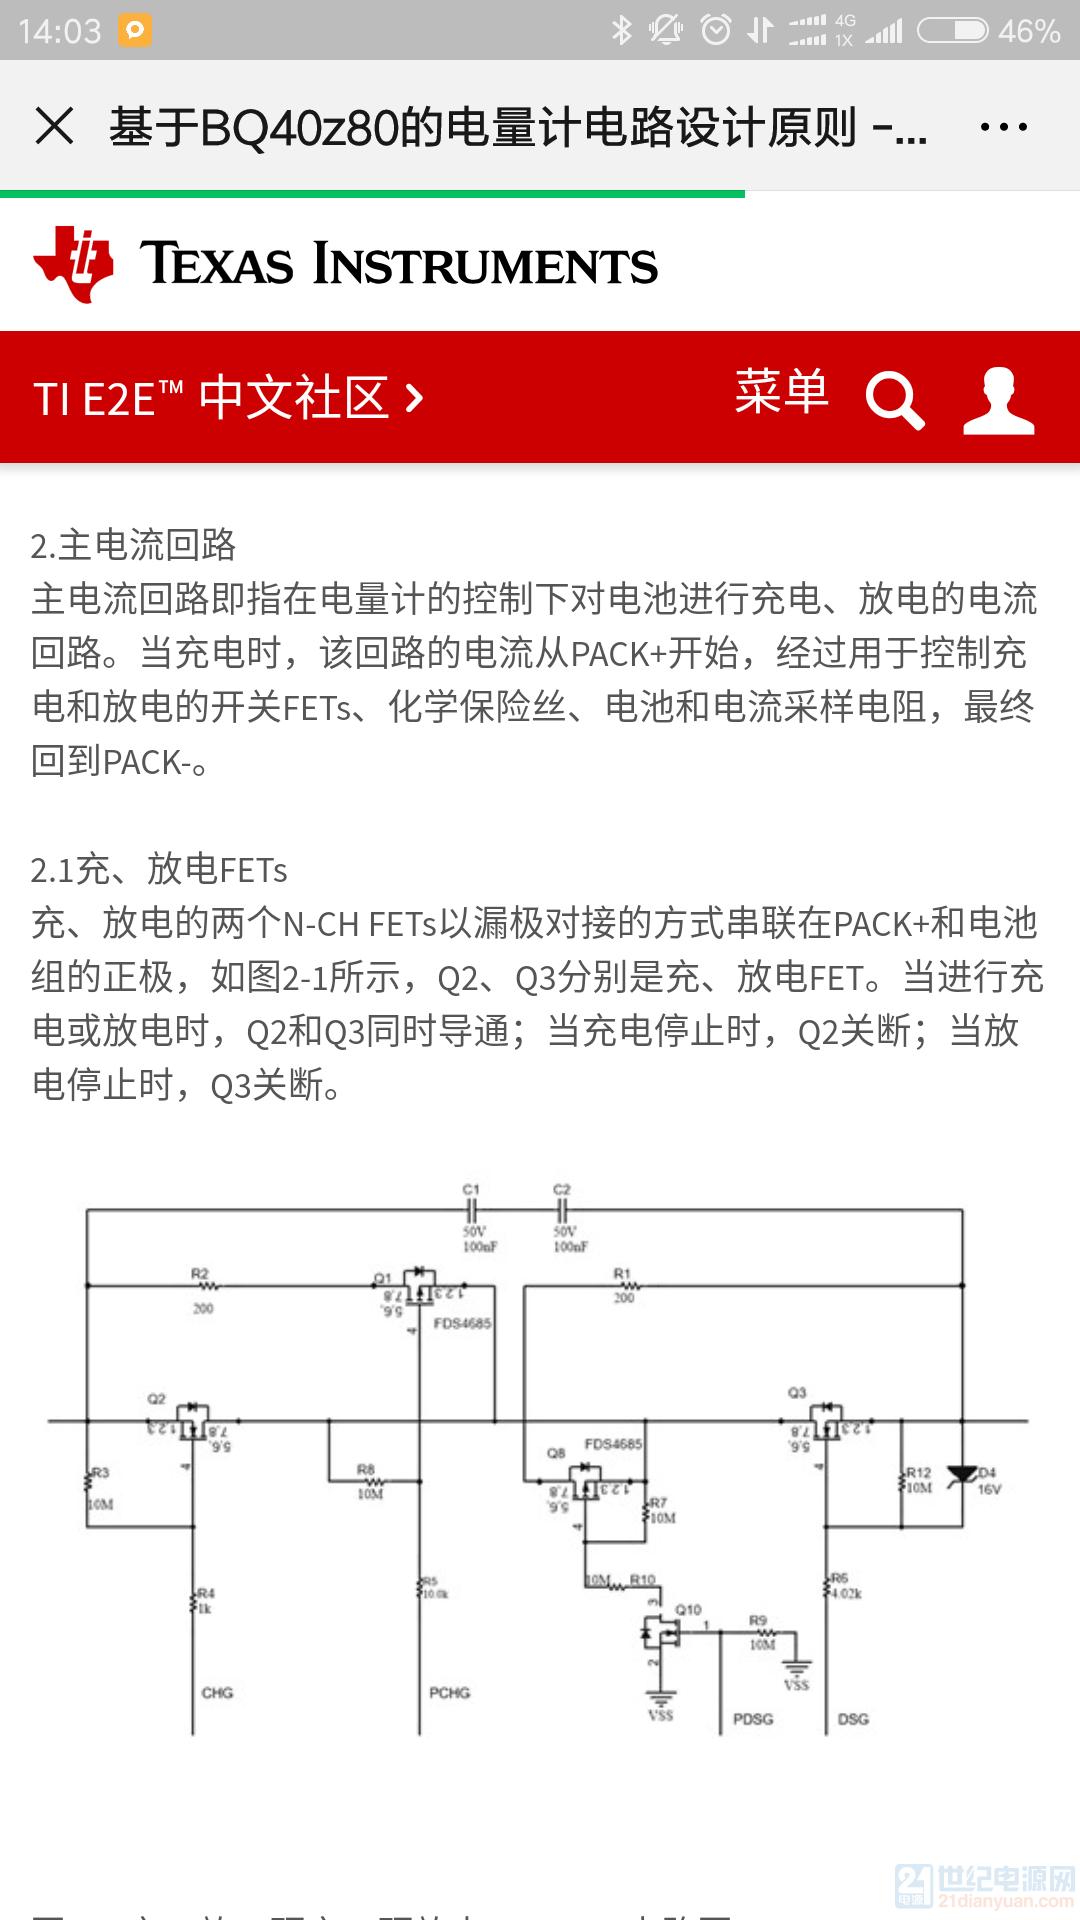 Screenshot_2019-11-01-14-03-34-077_com.tencent.mm.png